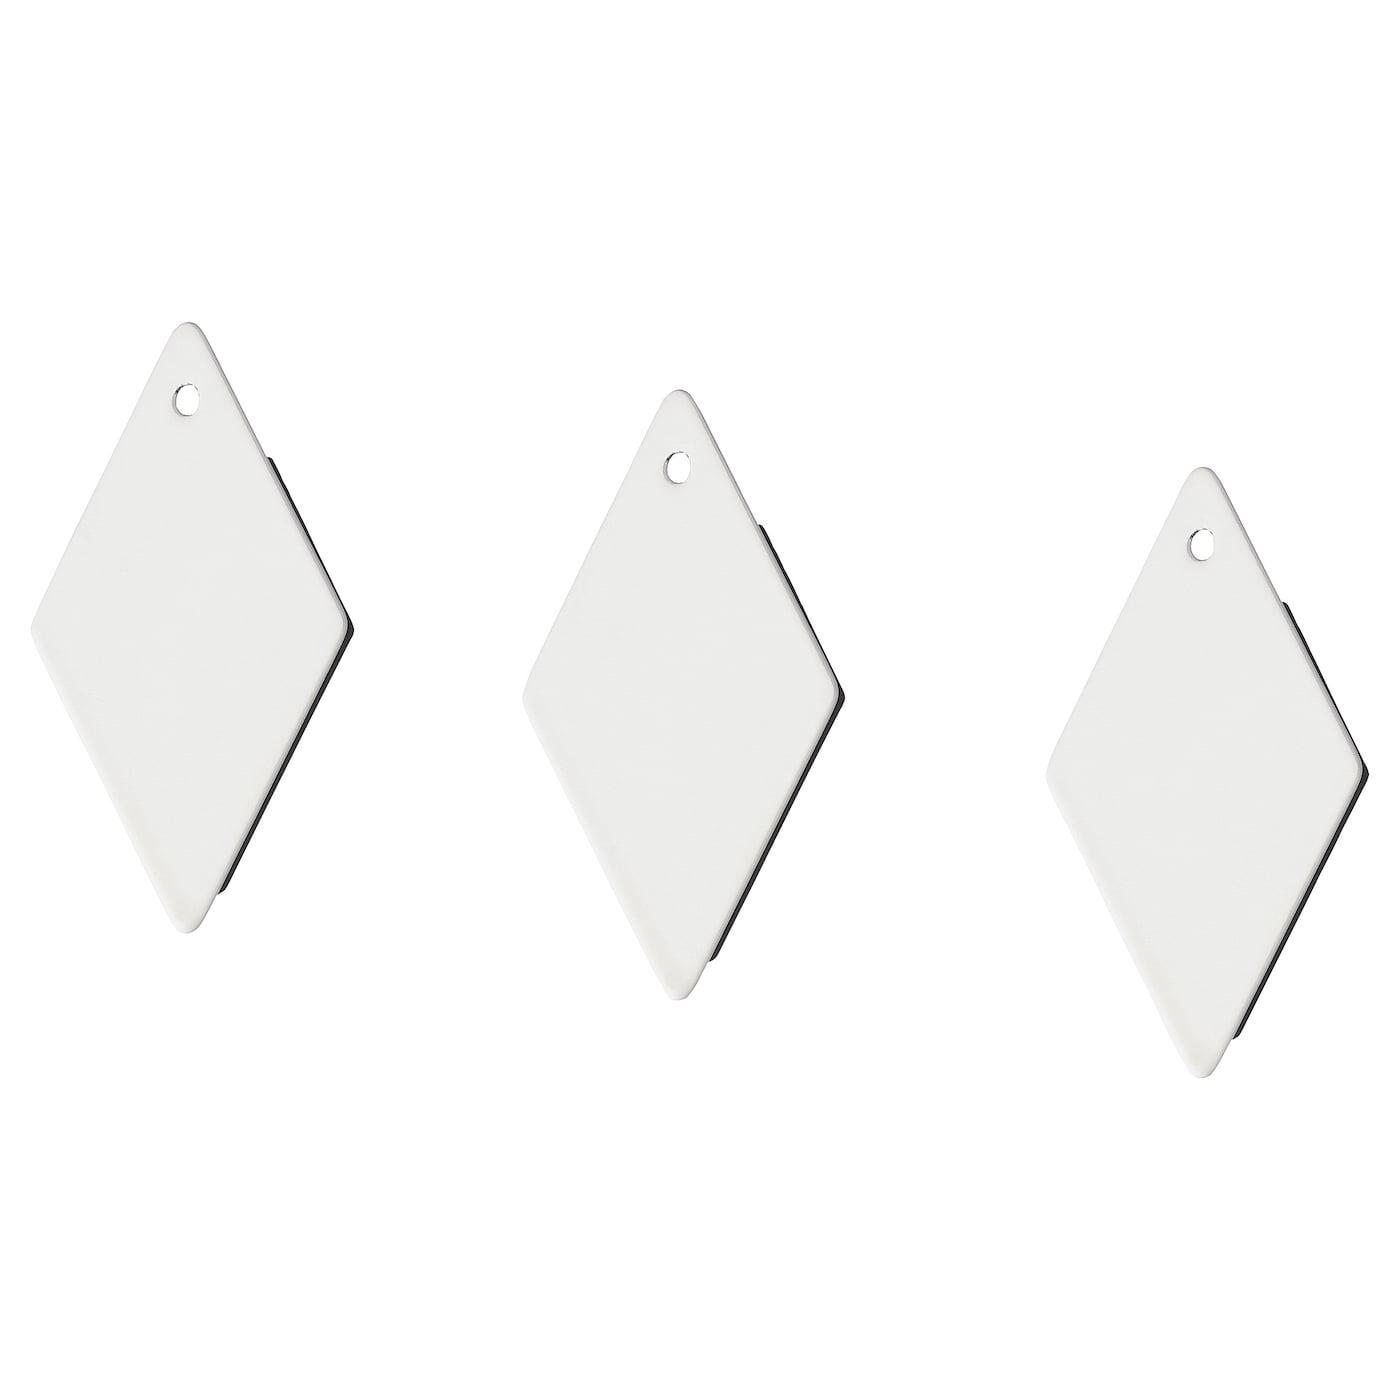 NEUF IKEA Aimants losange blanc lot de 3 Réfrigérateur Mémo Avis Board